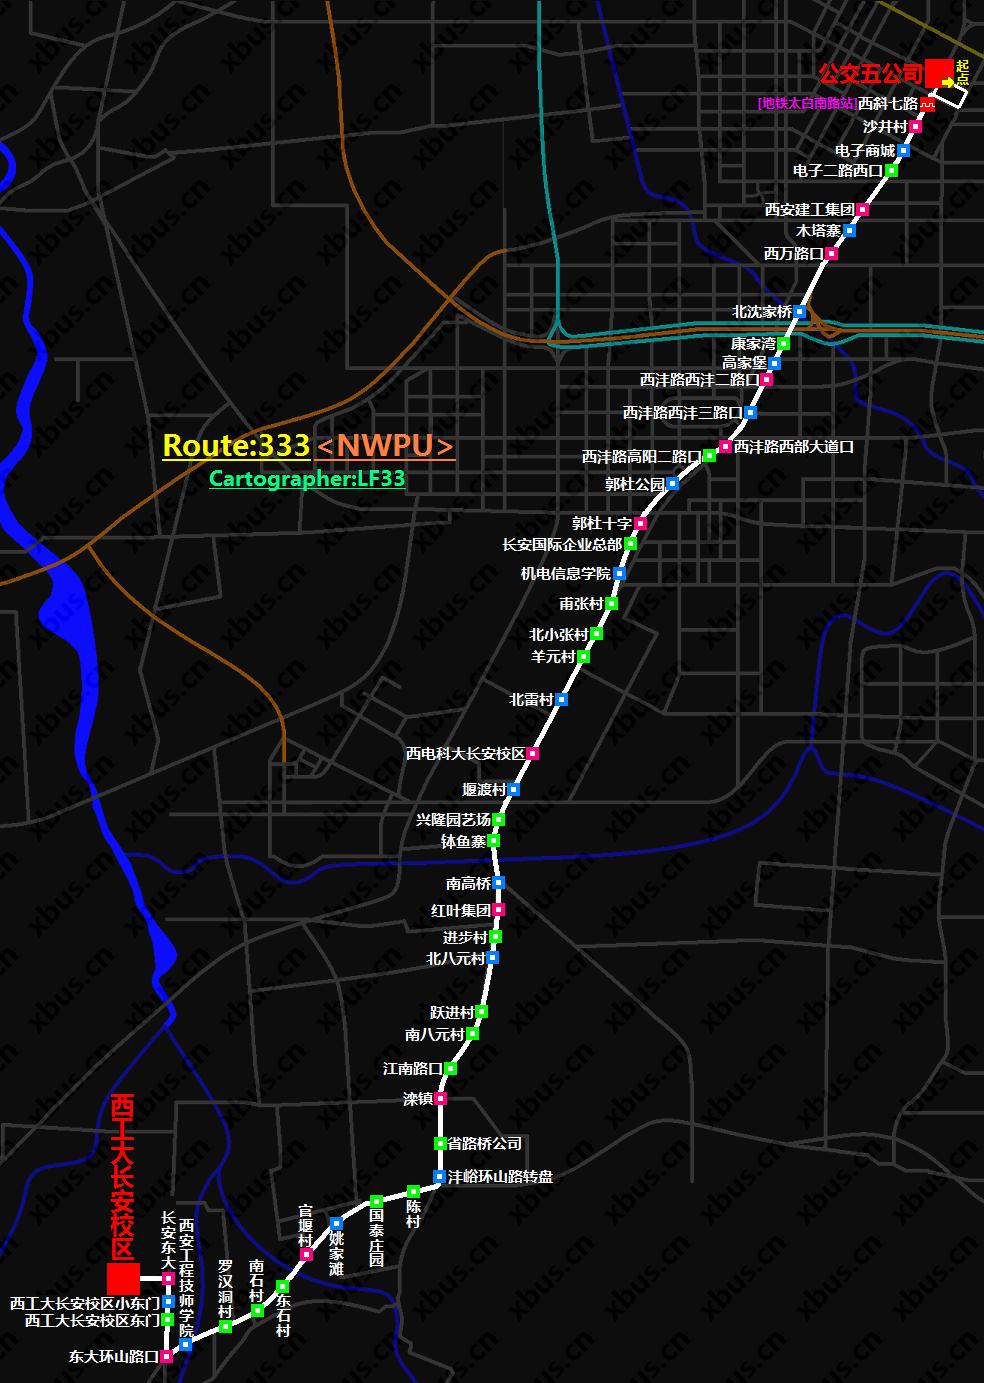 西安公交线路图_333路公交车-西安公交网